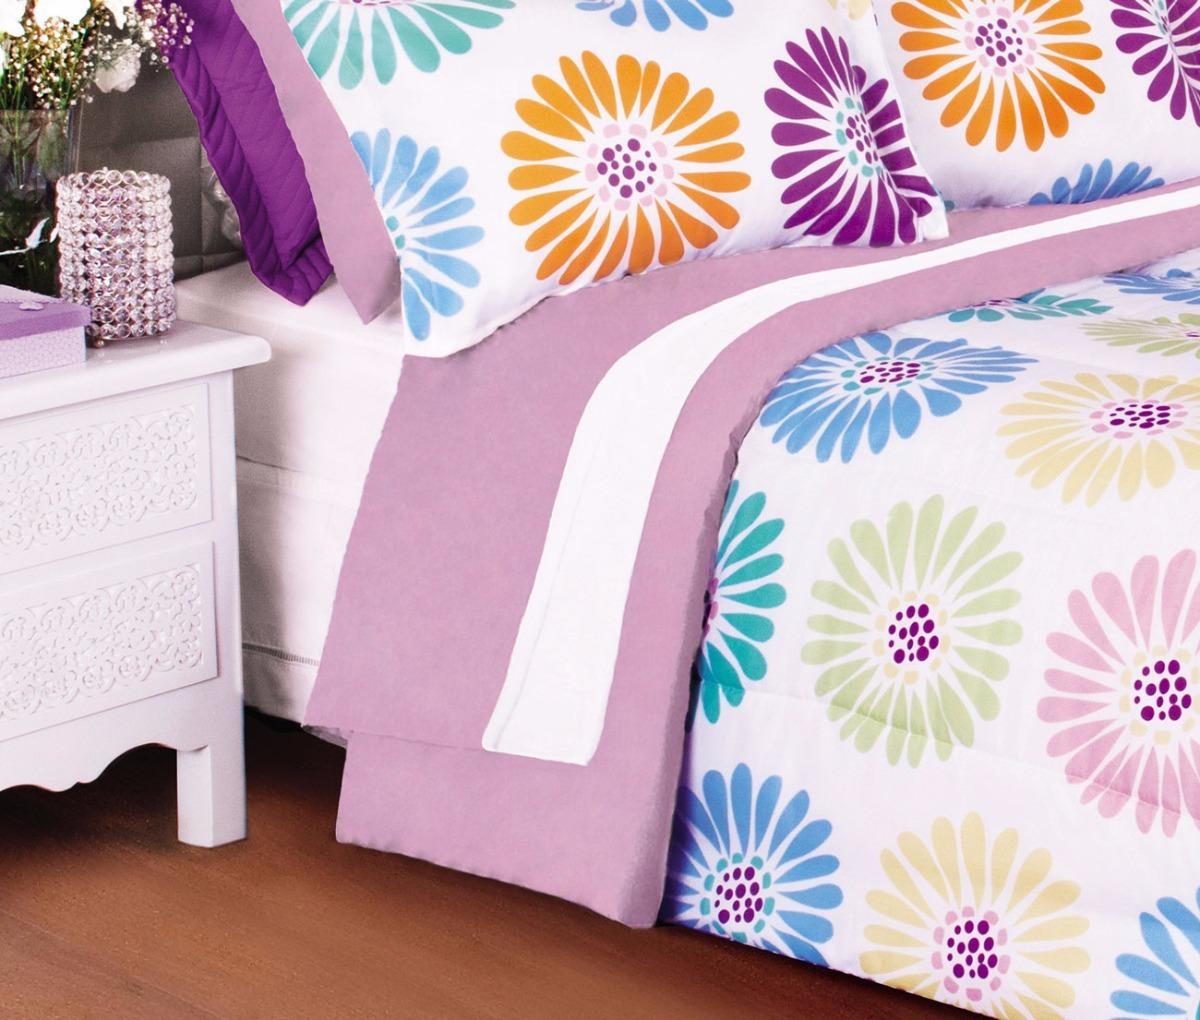 ad19c49570 kit colcha edredom casal king + jogo de cama 7 pçs lilas. Carregando zoom.